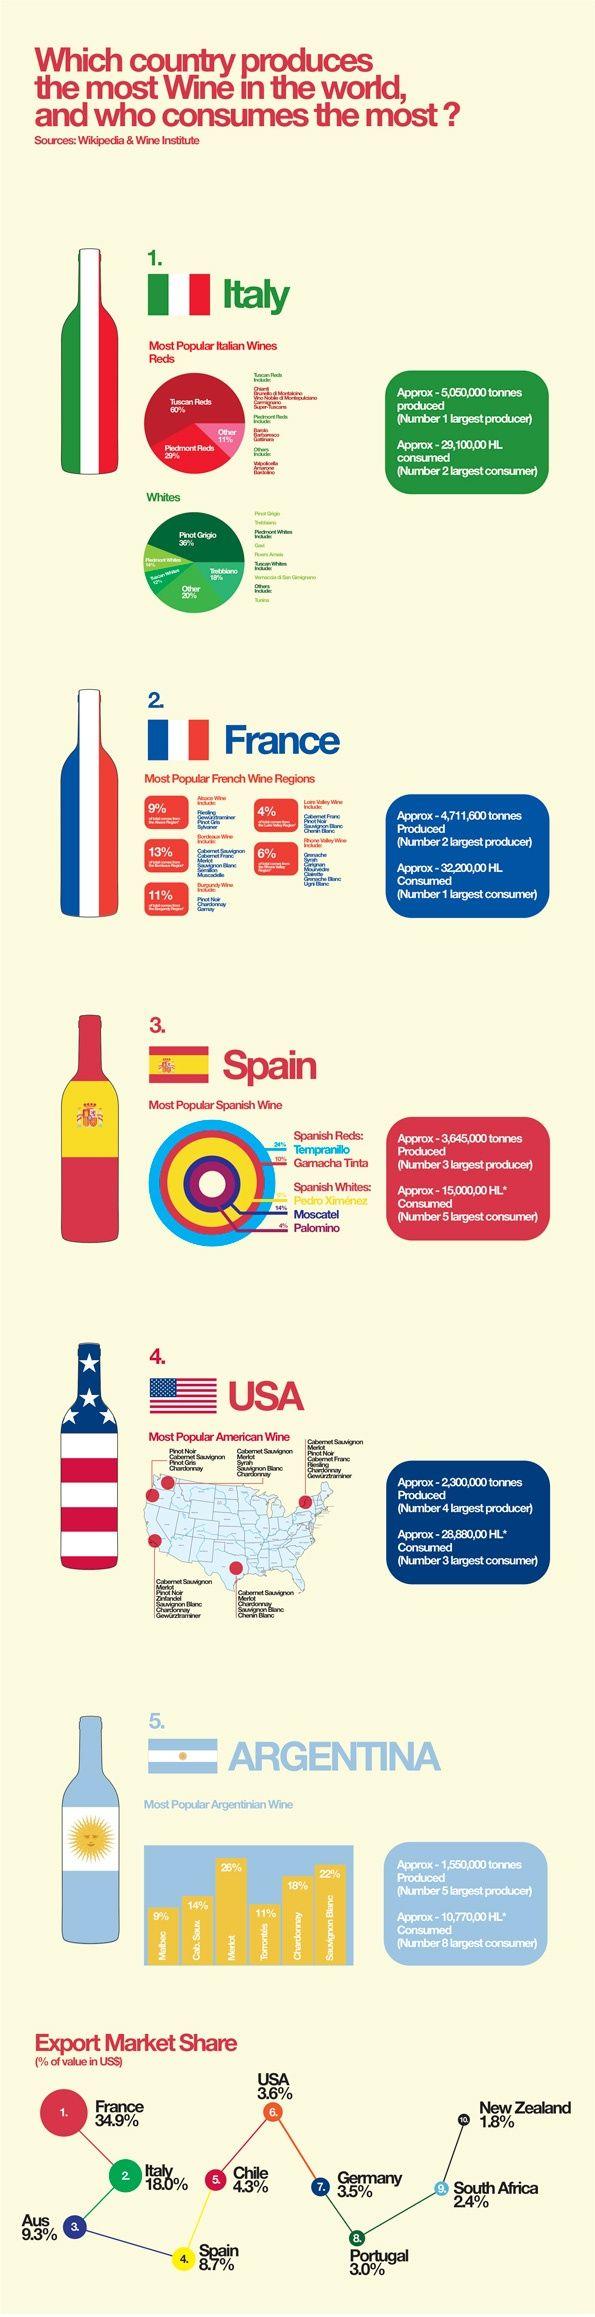 Mayores productores y consumidores mundiales de #vino #infografía  Fuente: elrincondelombok.com: Wine, Wine Products, Red Wine, Website, Web Site, Country Produce, Wine Infographic, Internet Site, Wine Bottle